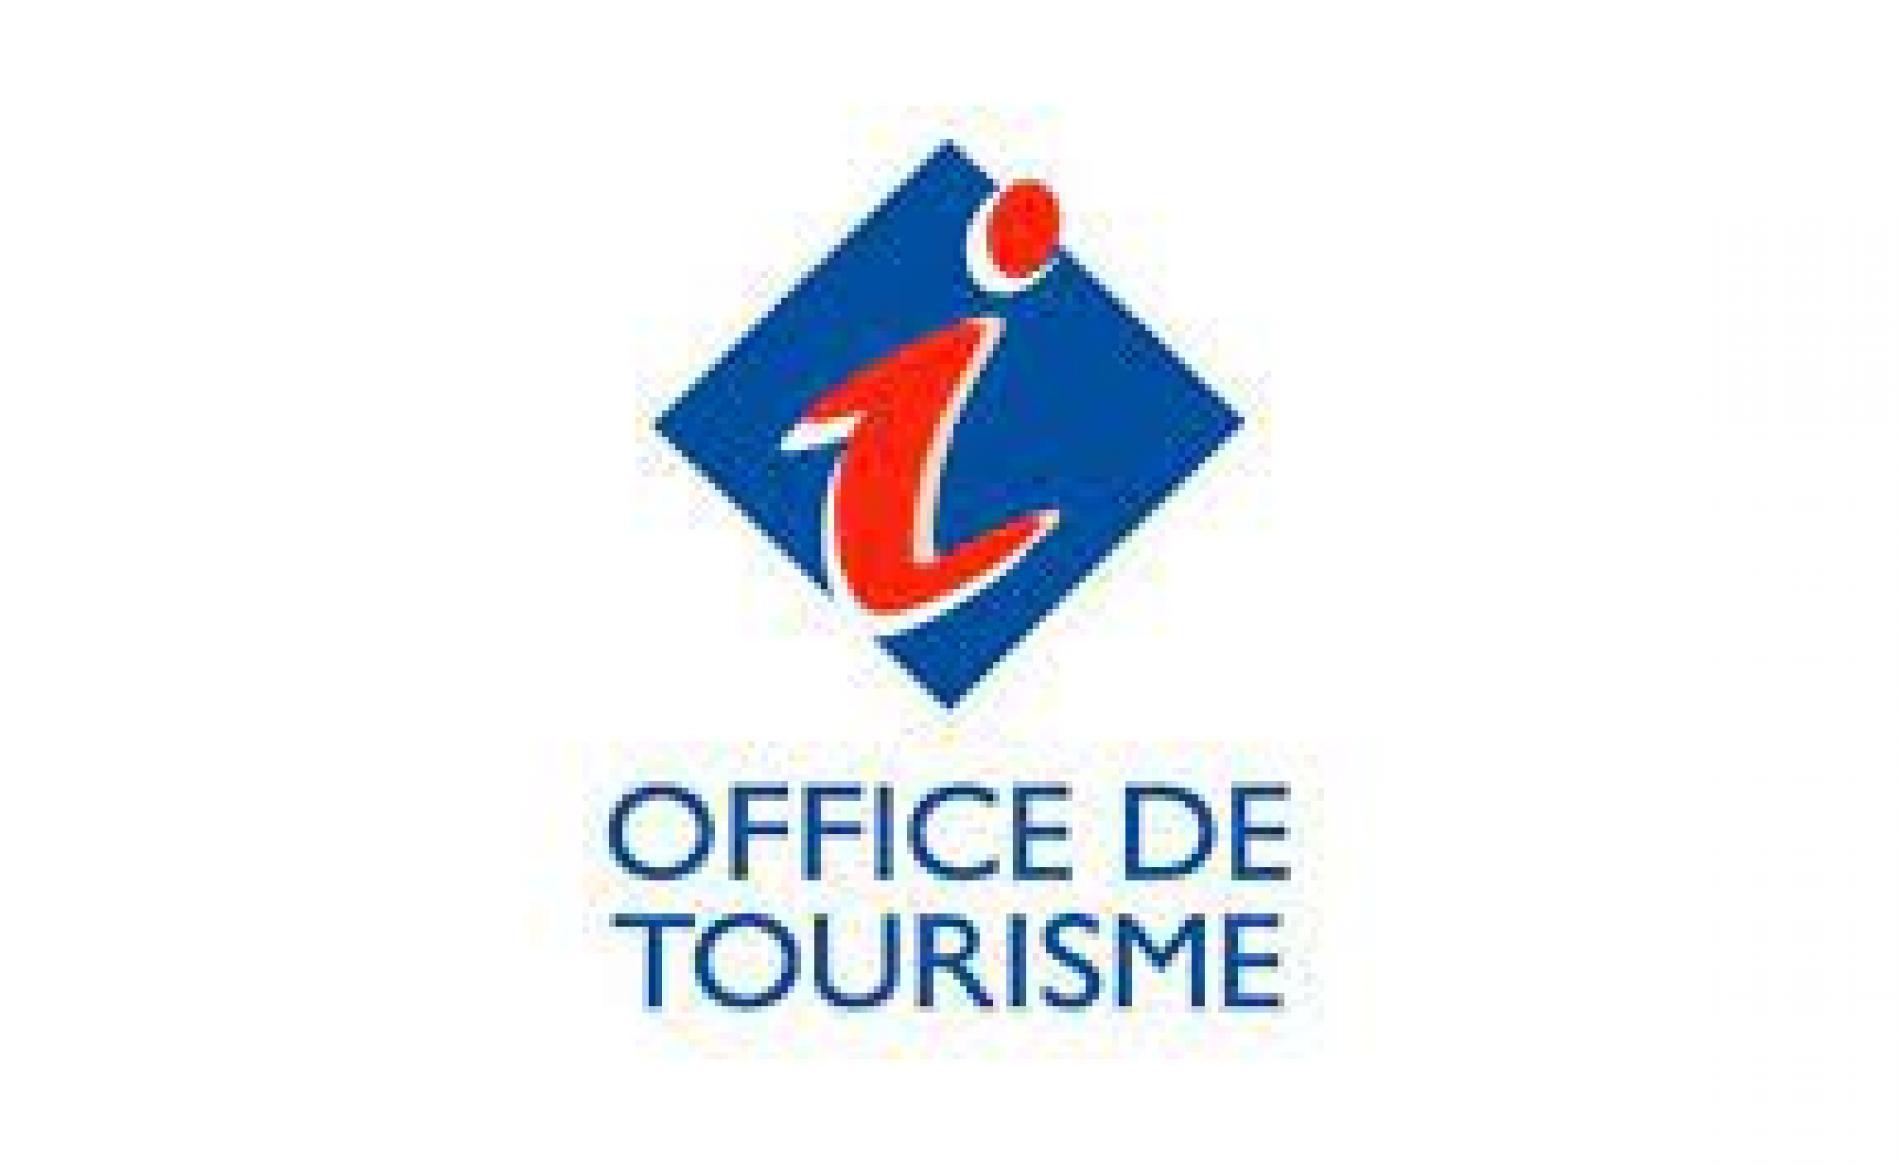 office de tourisme animations